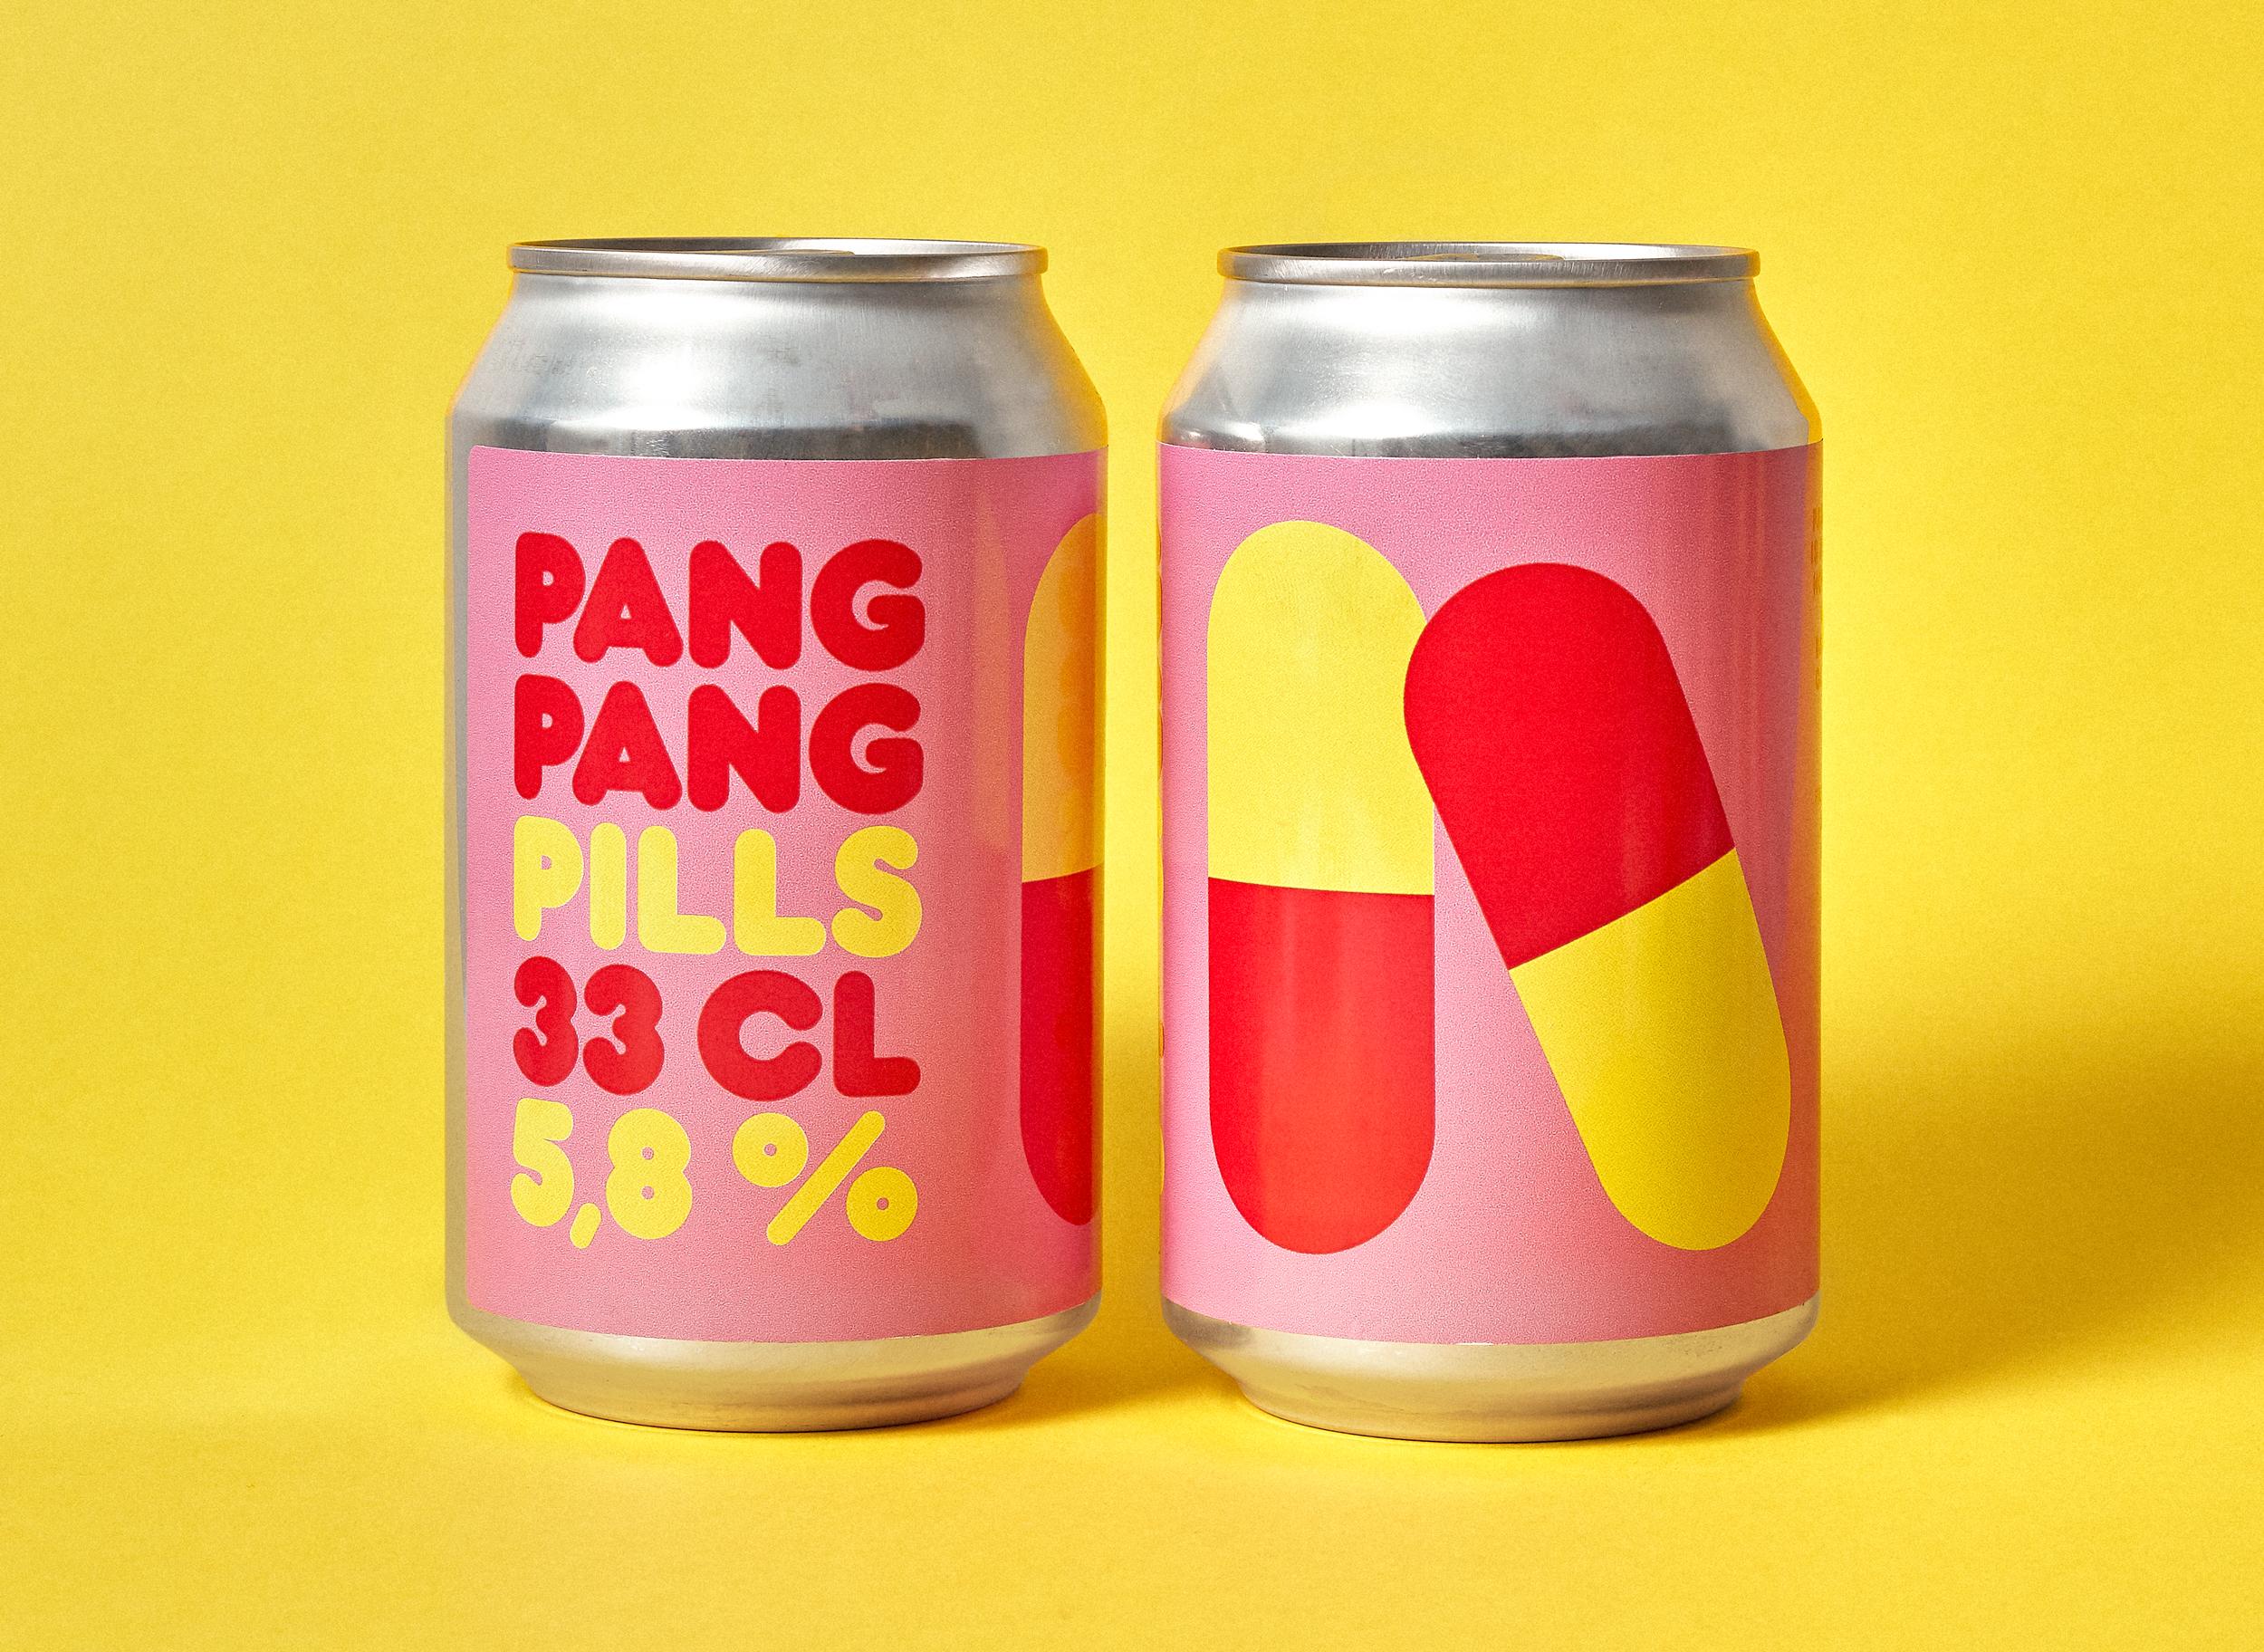 pangpang_pills_2-cans_03.jpg